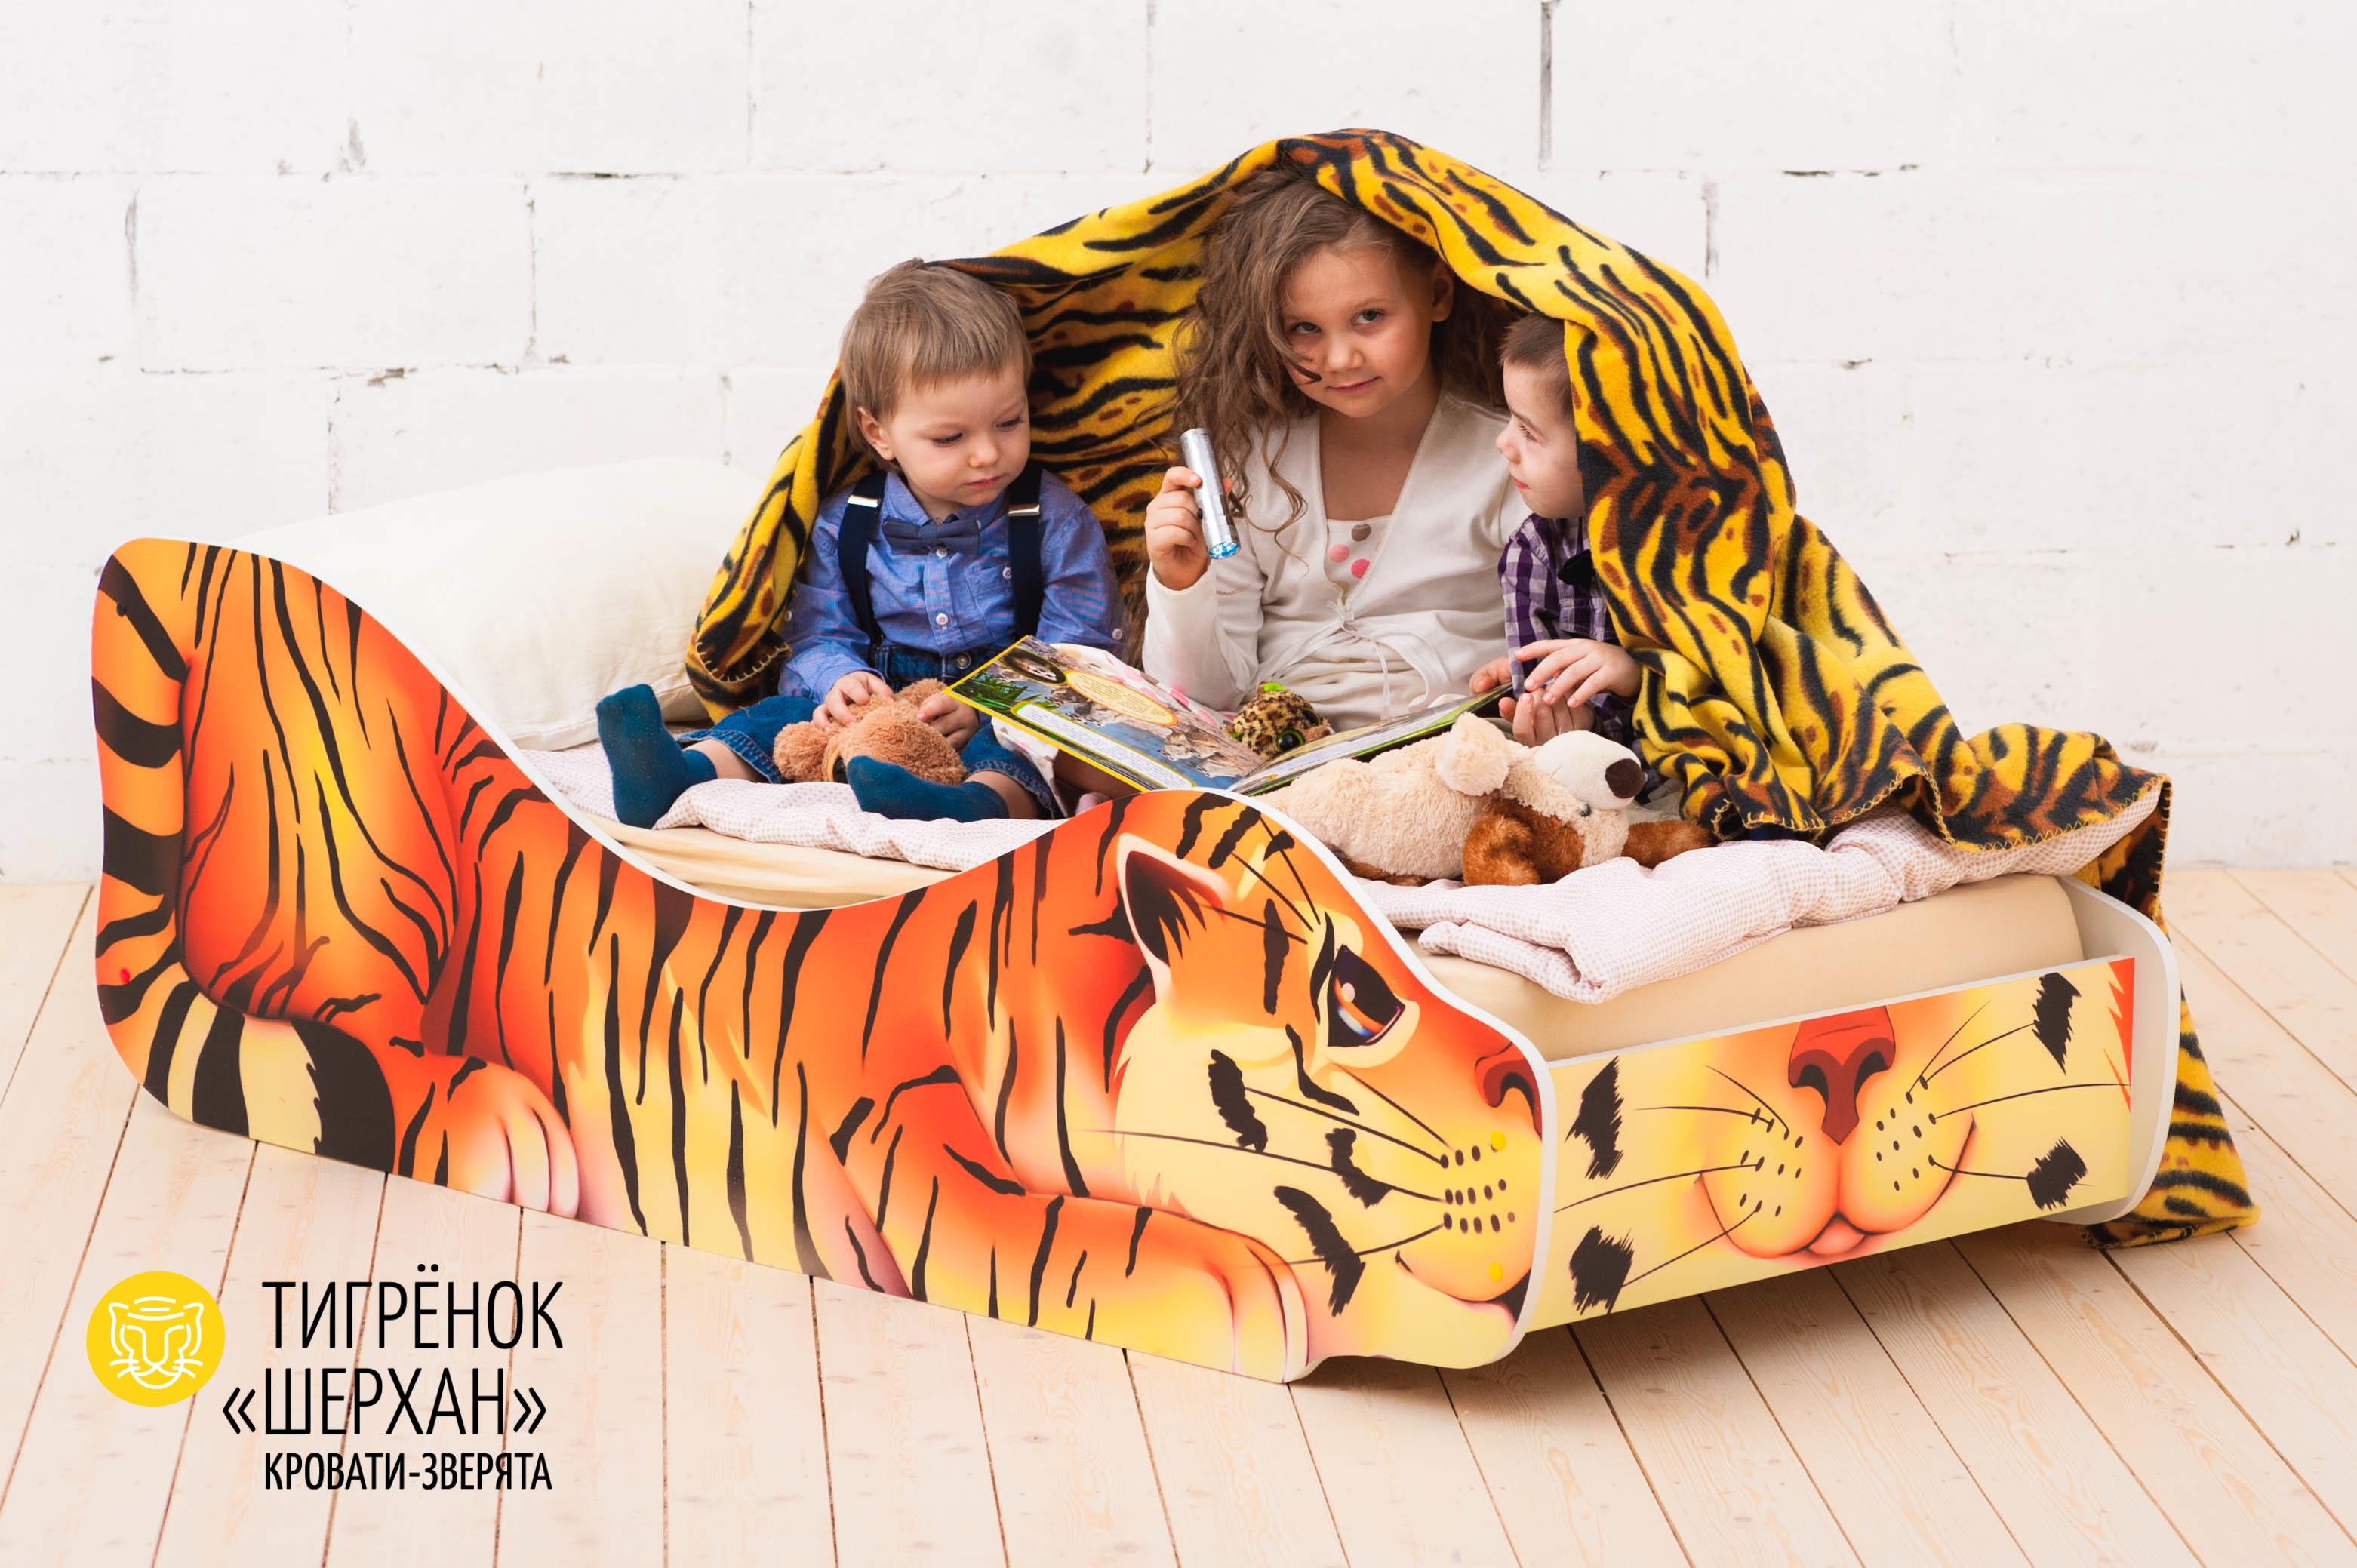 Детская кровать-зверенок -Тигренок-Шерхан-8